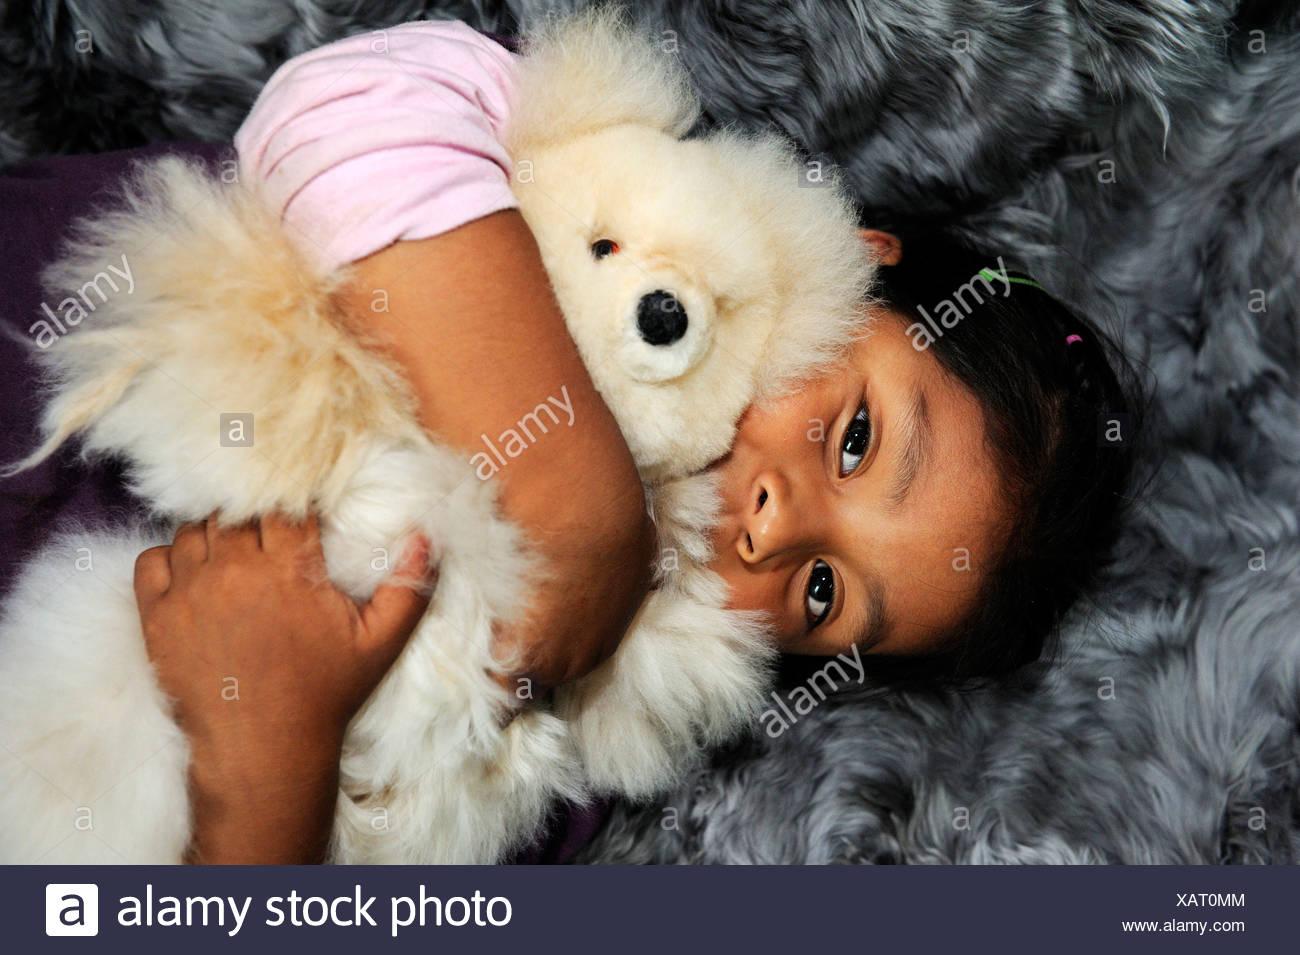 Ragazza con indigeni caratteristiche facciali che abbraccia un orsacchiotto di peluche, produzione di giocattoli morbidi e tappeti dal pelo di alpaca in una piccola famiglia Immagini Stock